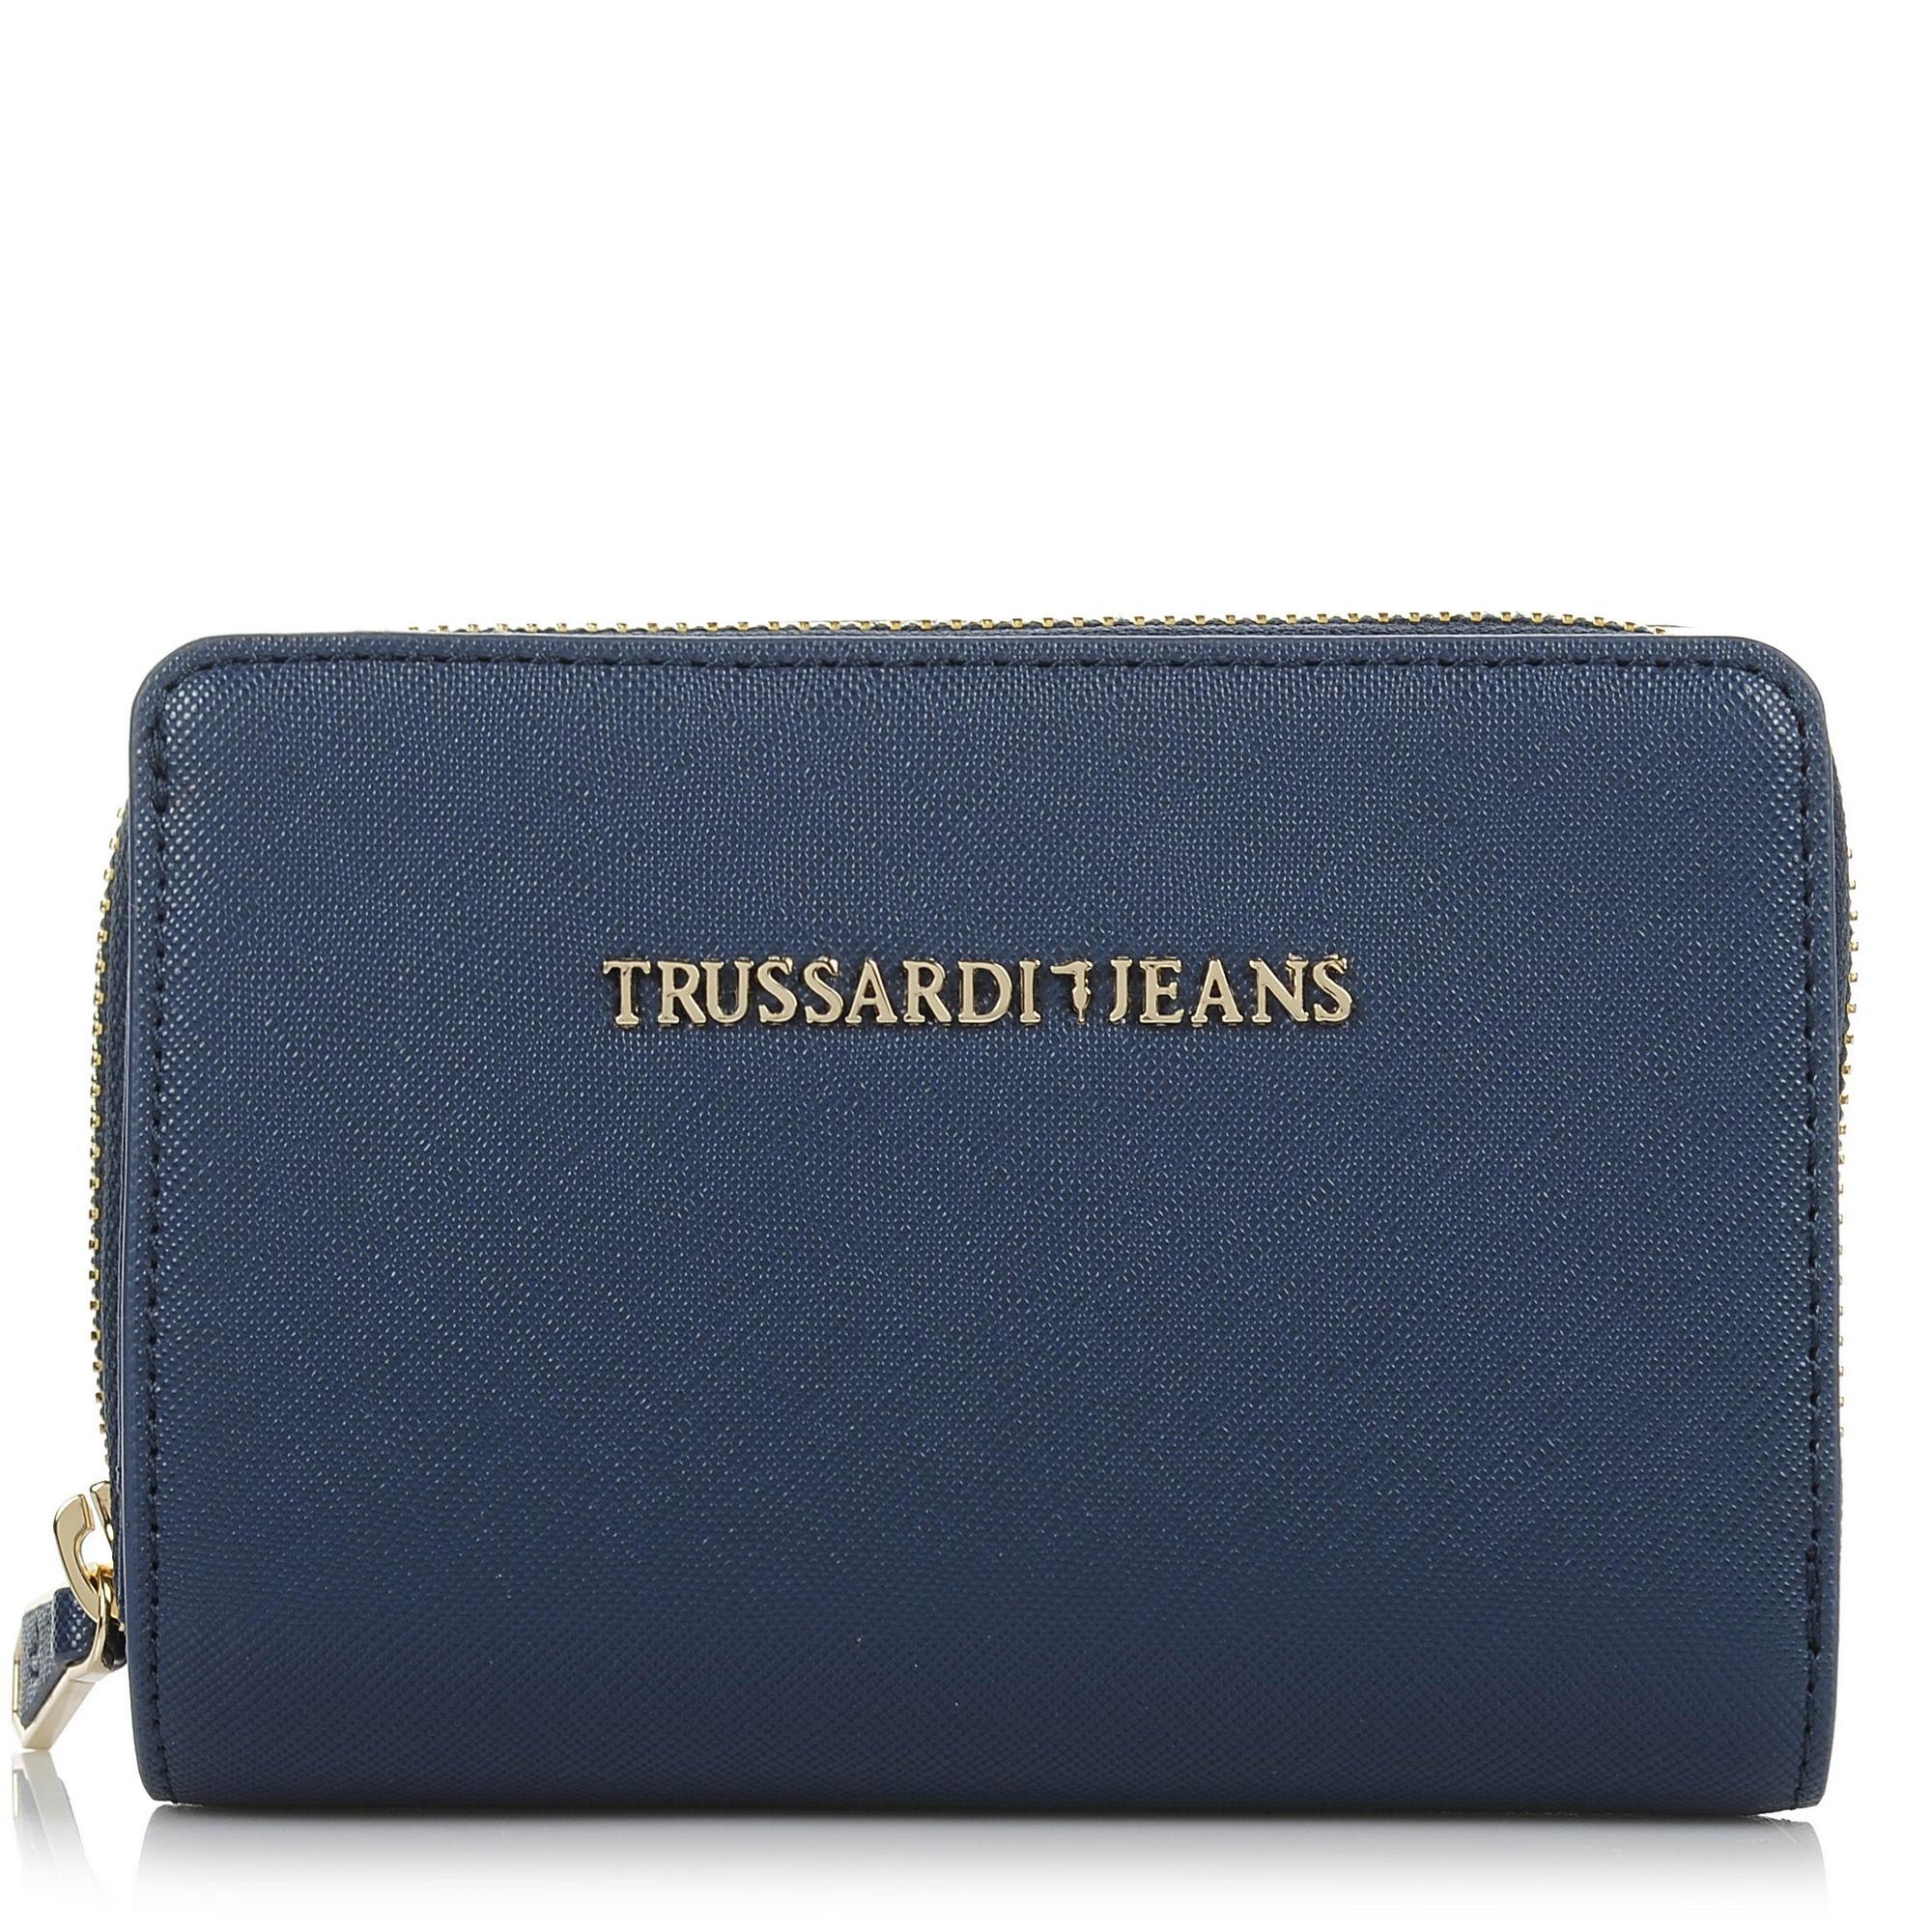 Πορτοφόλι Trussardi Jeans Levanto Ecosaffiano Wallet Medium Zip Around 75W00012